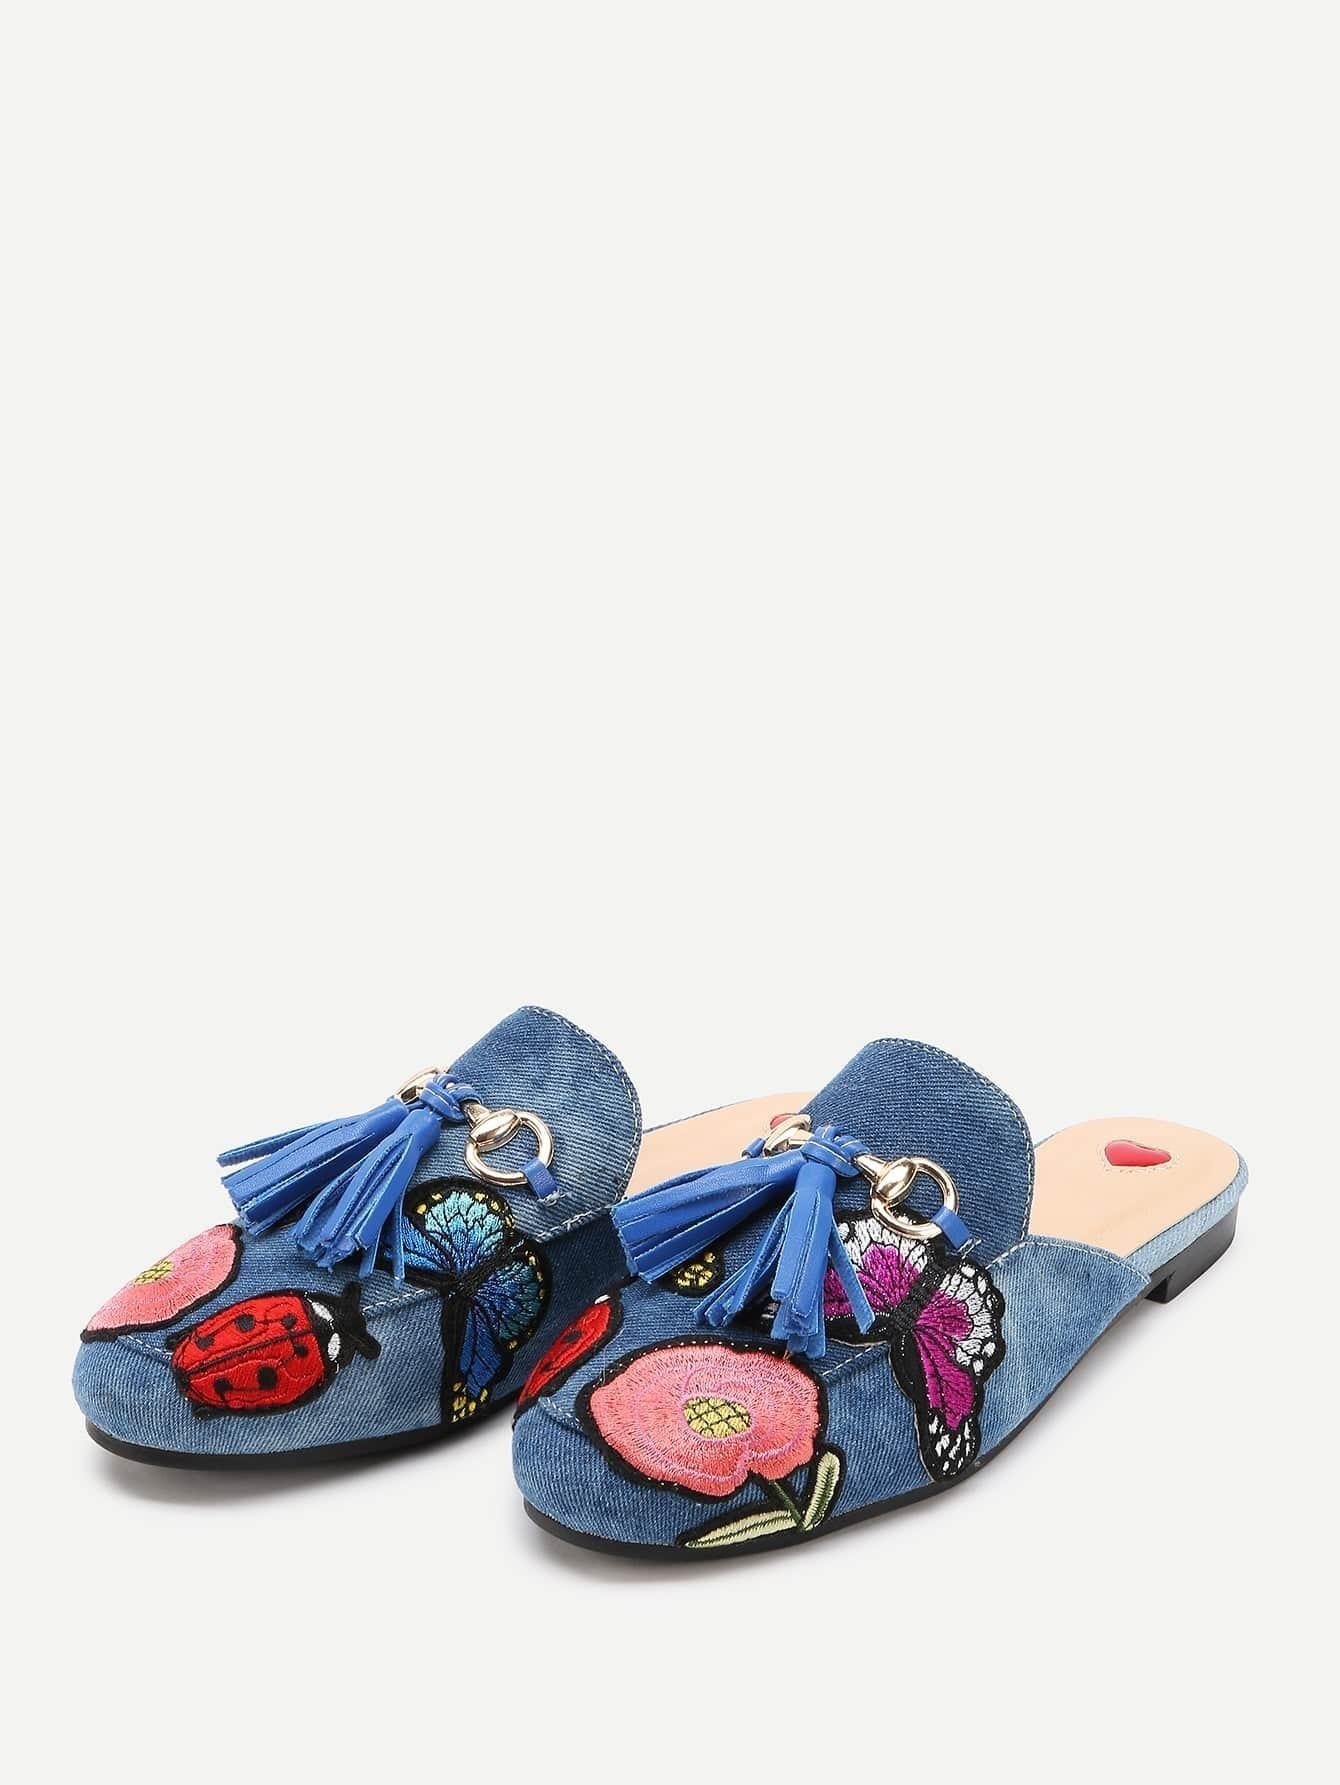 shoes170504818_2